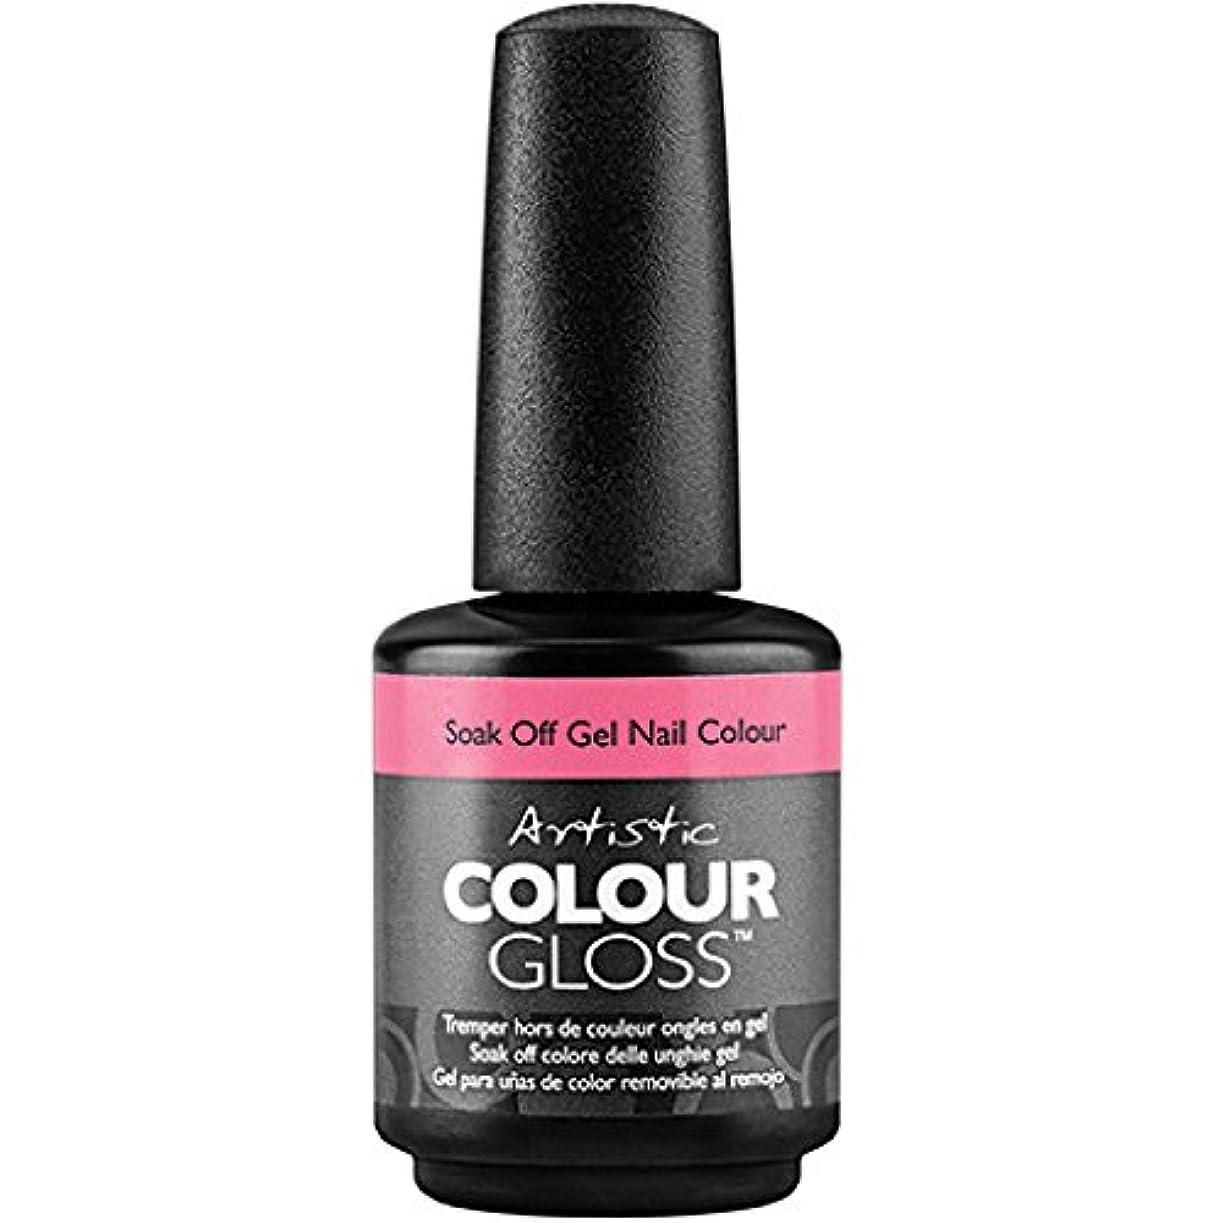 非常に怒っています売る件名Artistic Colour Gloss - Love Overdose - 0.5oz / 15ml